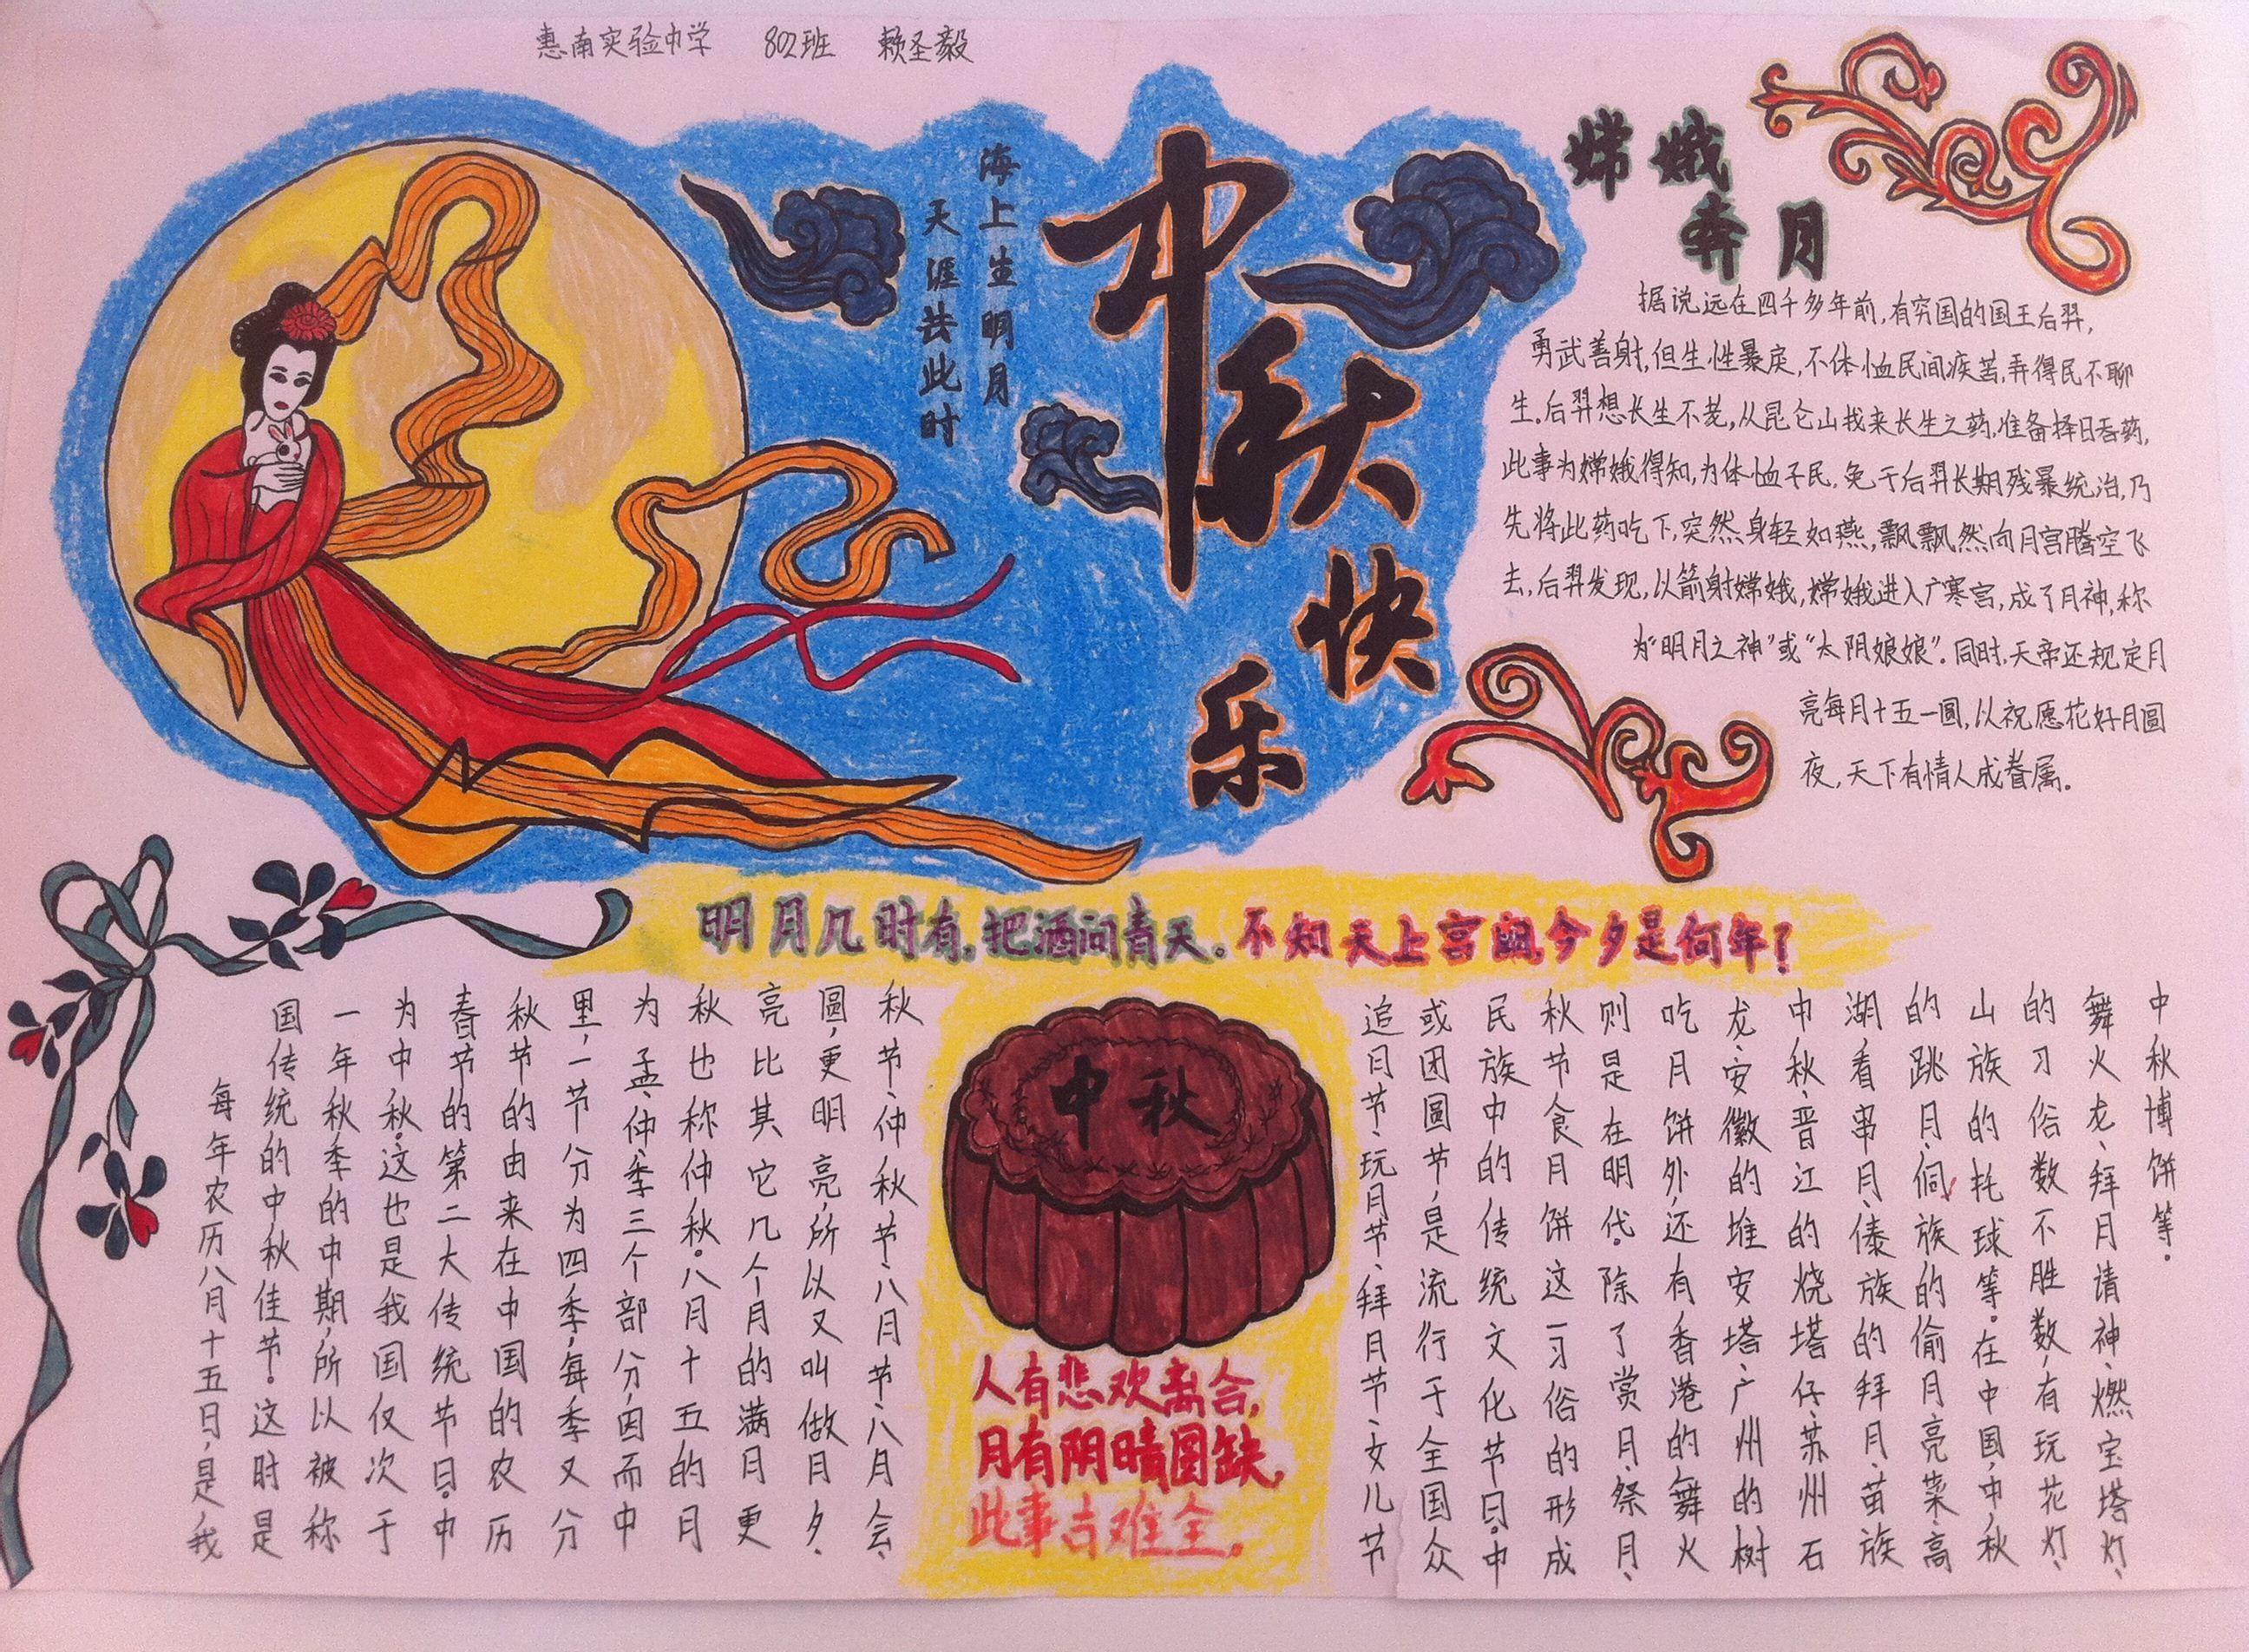 中秋节手抄报版面设计图大全